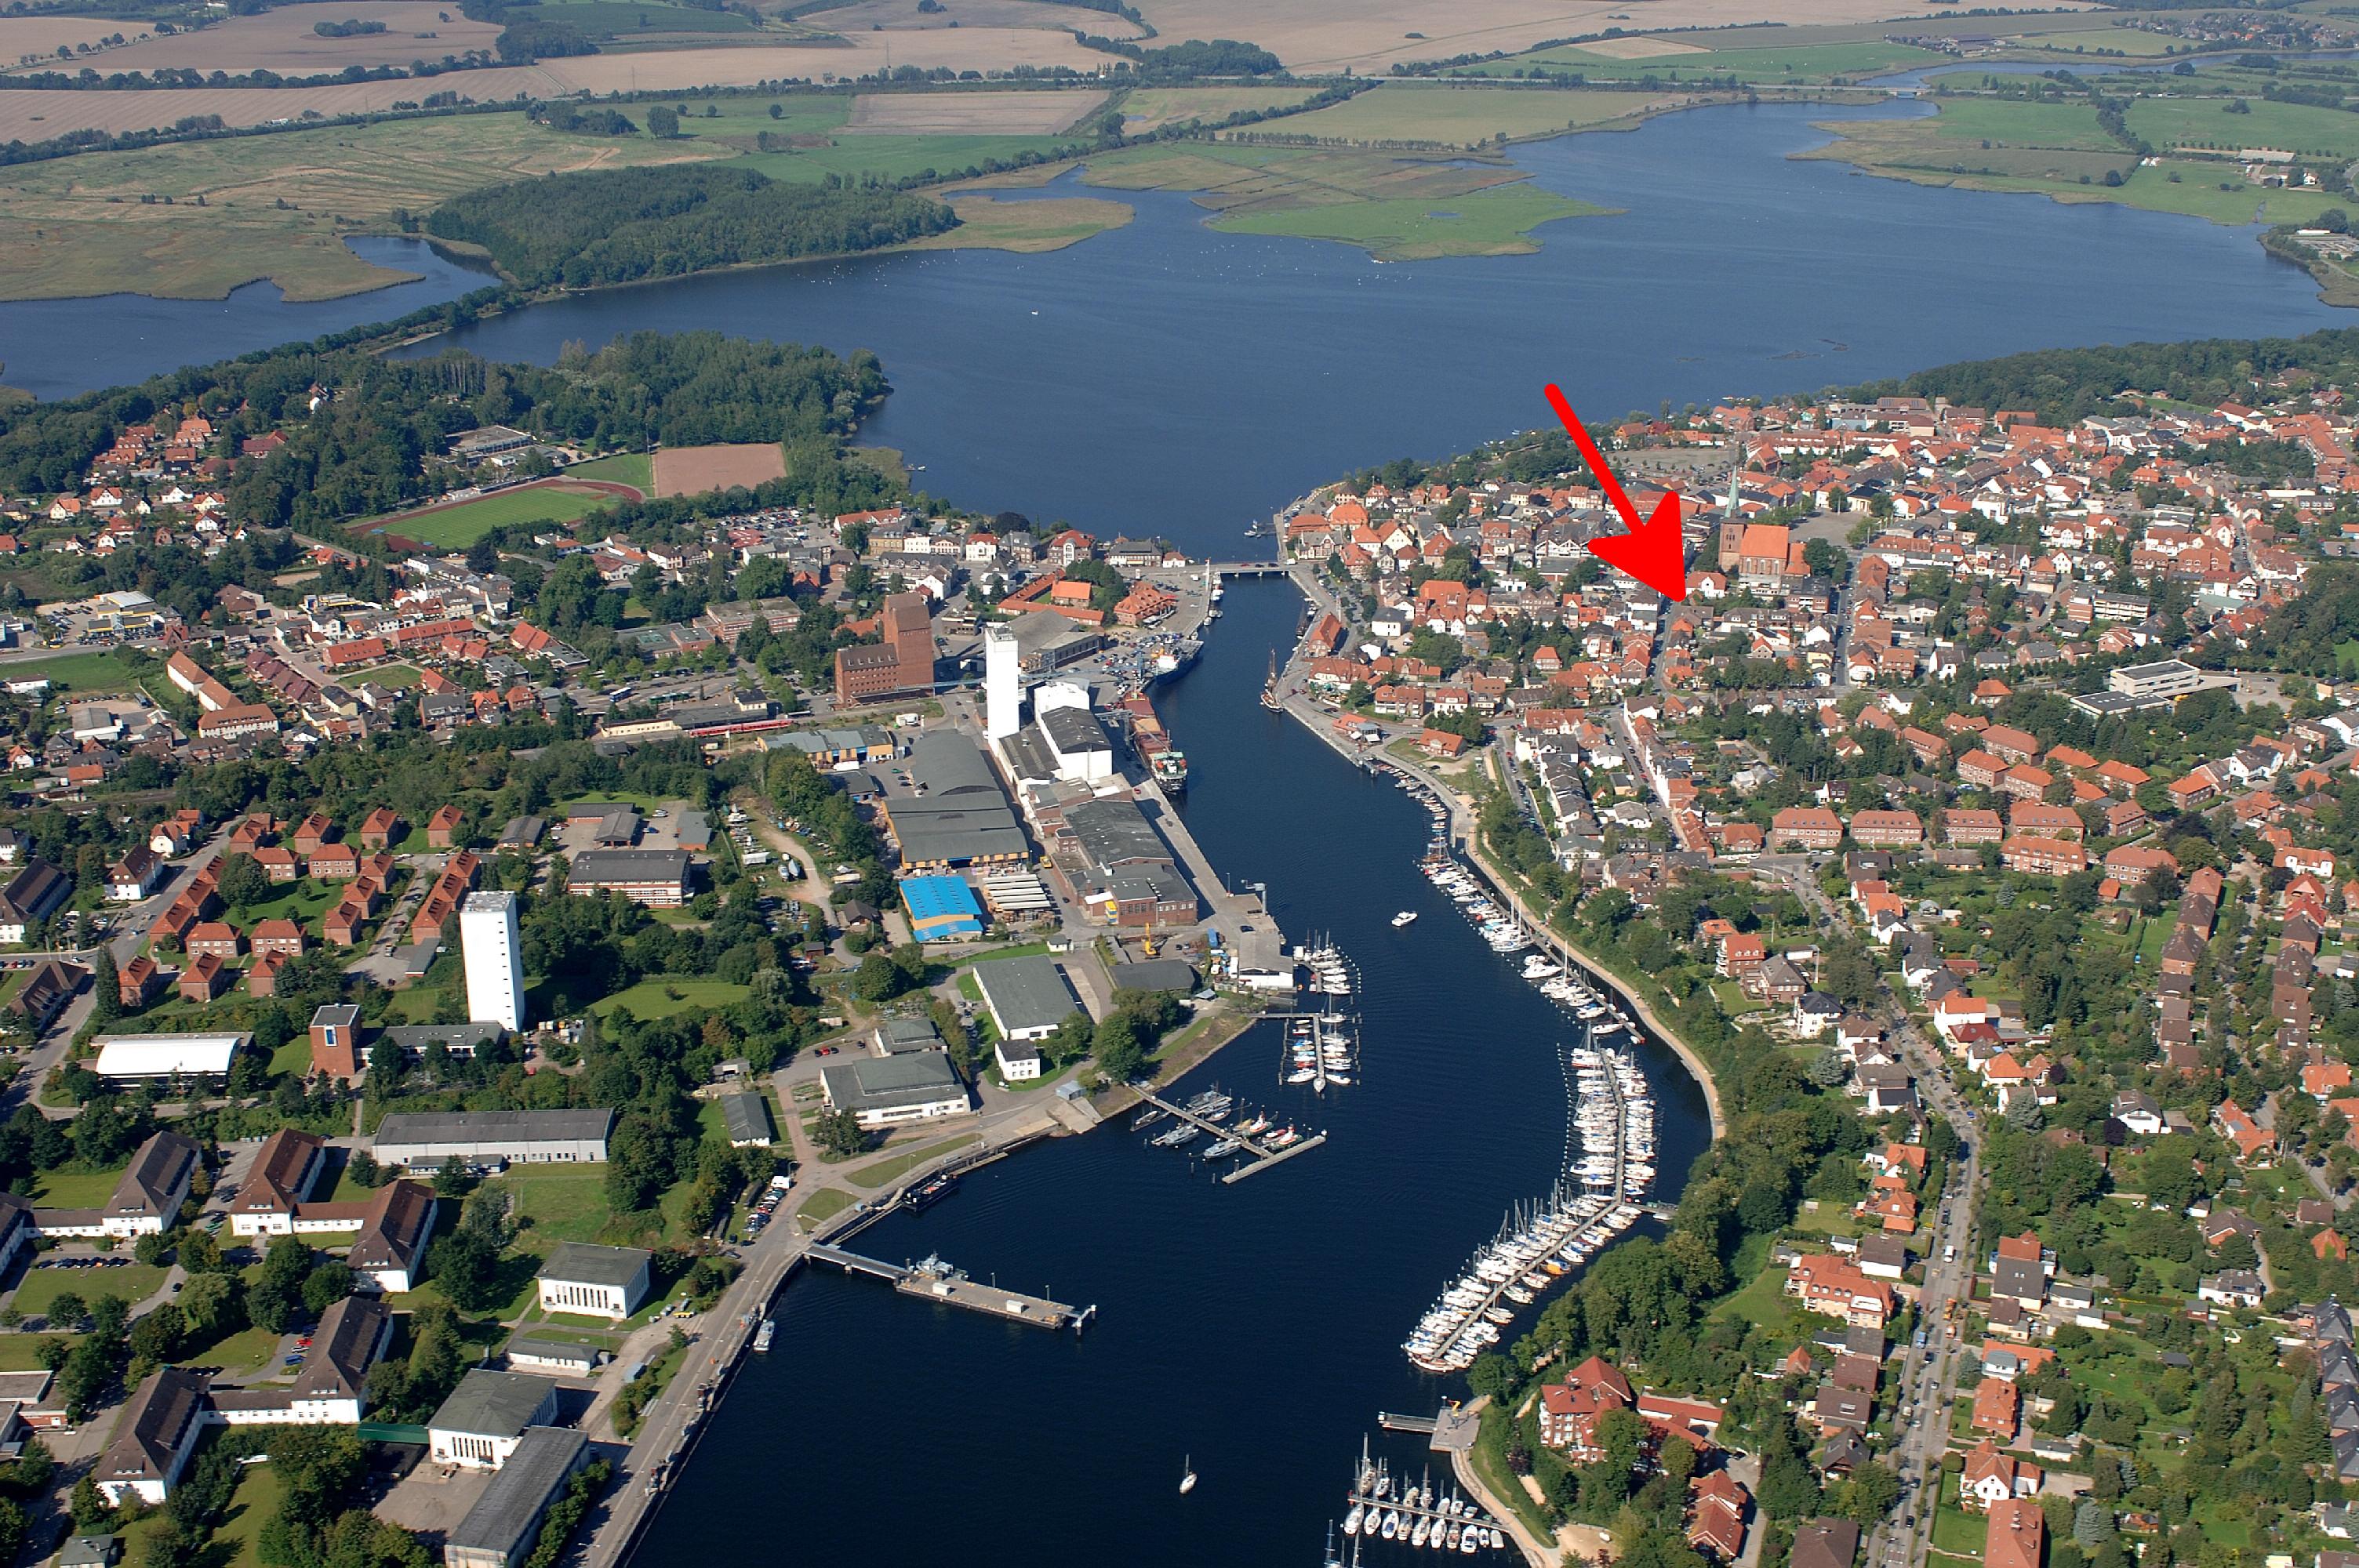 Wohnung Neustadt In Holstein : bereits 50 verkauft neubau in neustadt holstein ~ A.2002-acura-tl-radio.info Haus und Dekorationen